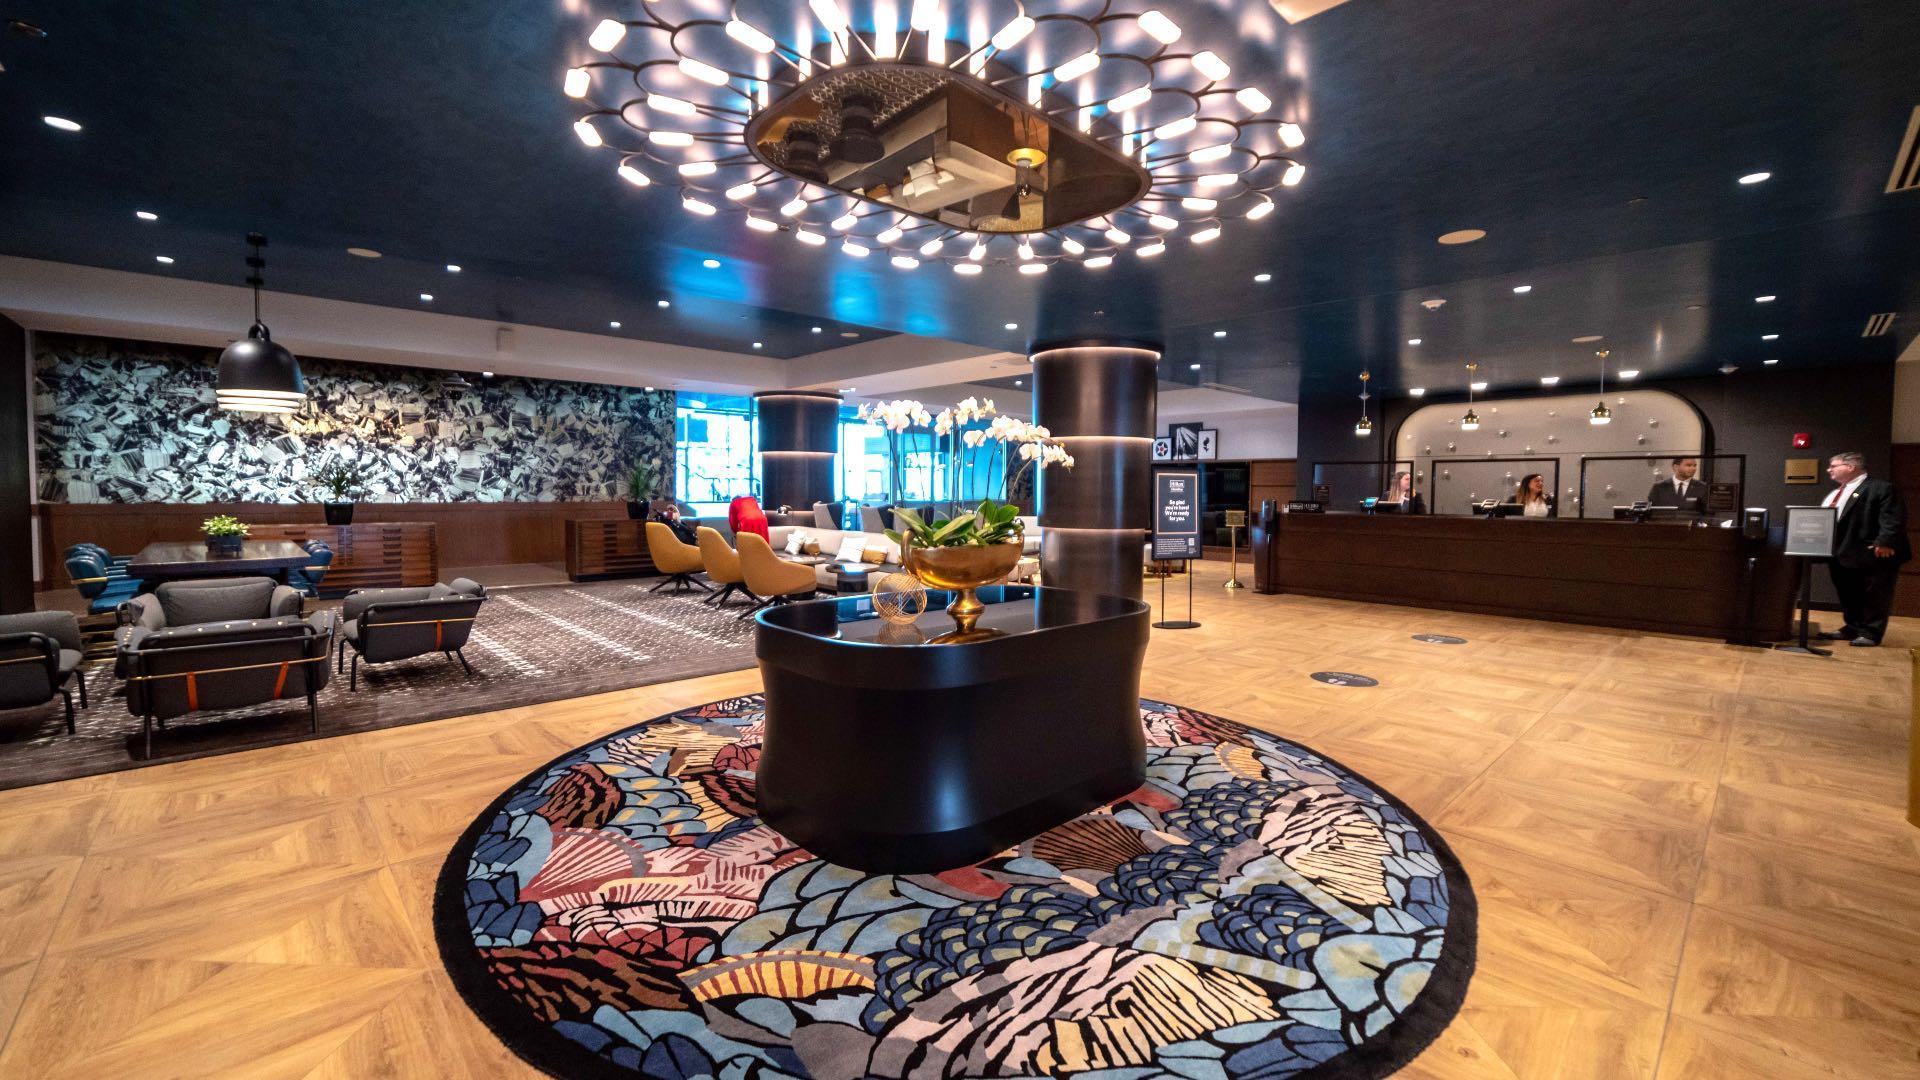 Hotel de Sable.  (Chicago Architecture Center / Anna Munzesheimer)